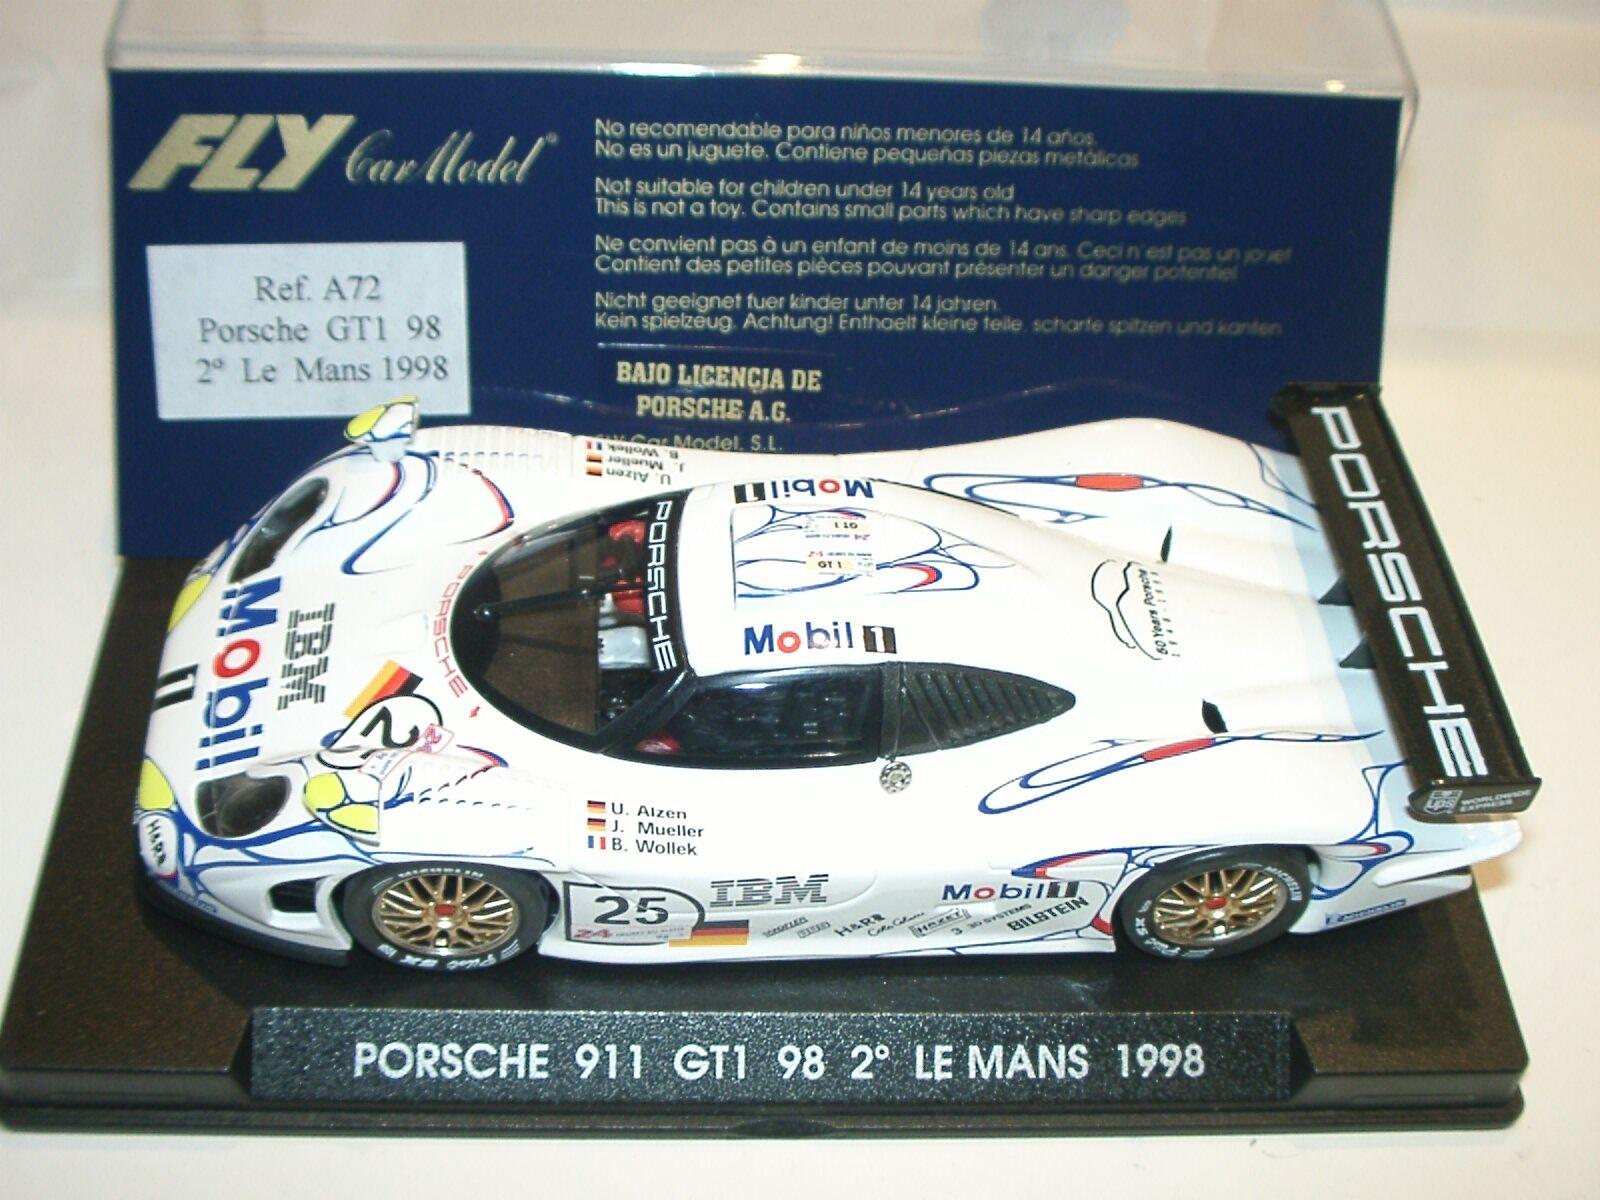 Scdu) FLY A72 PORSCHE 911 GT1 98 LE MANS 1998  - slot 1 32 scale